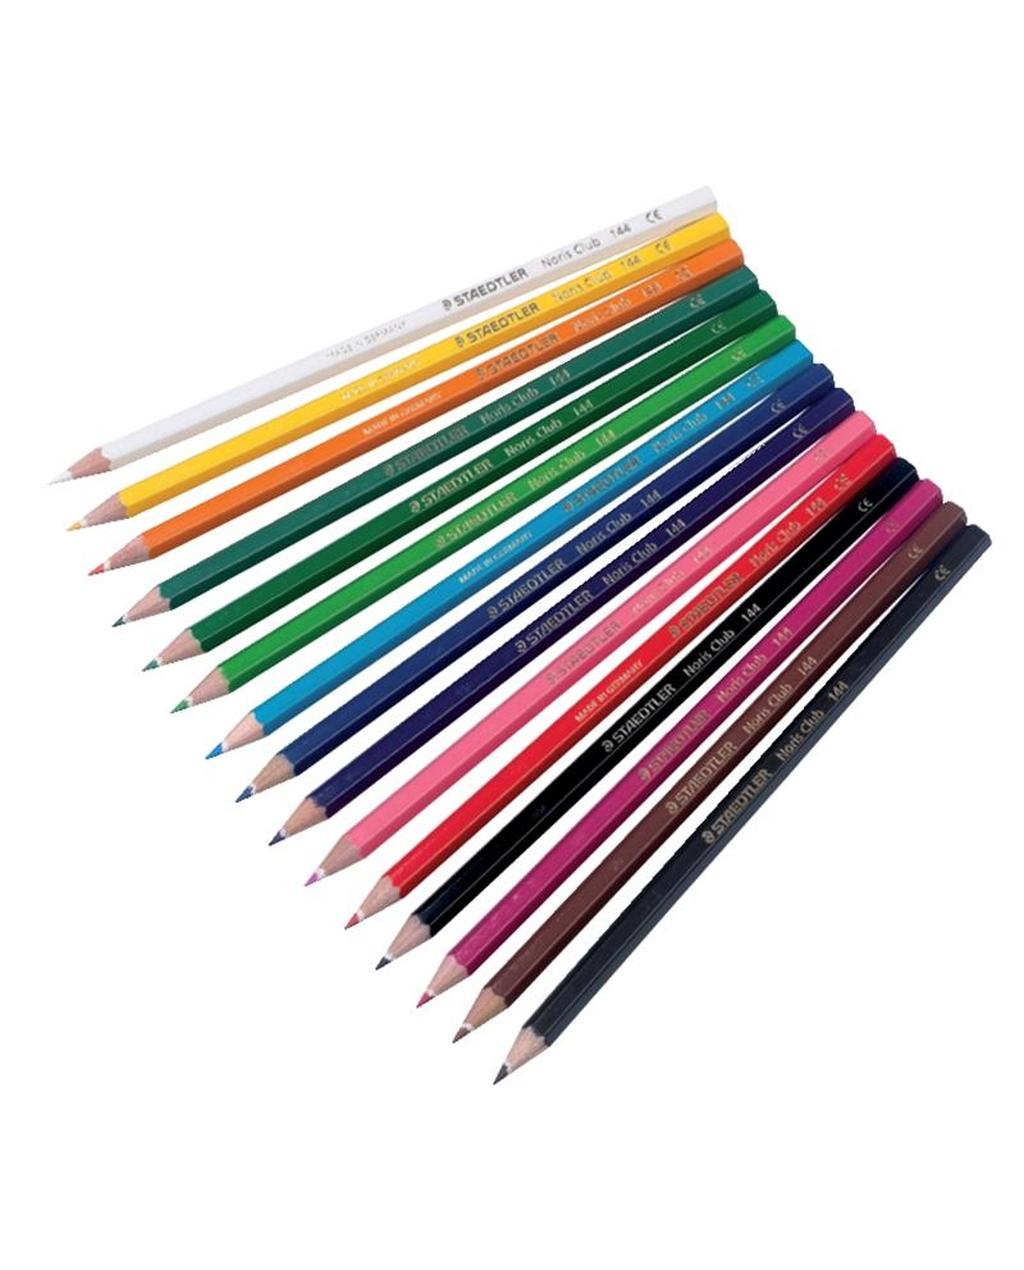 Staedtler Noris Colour Colouring Pencils - Peach